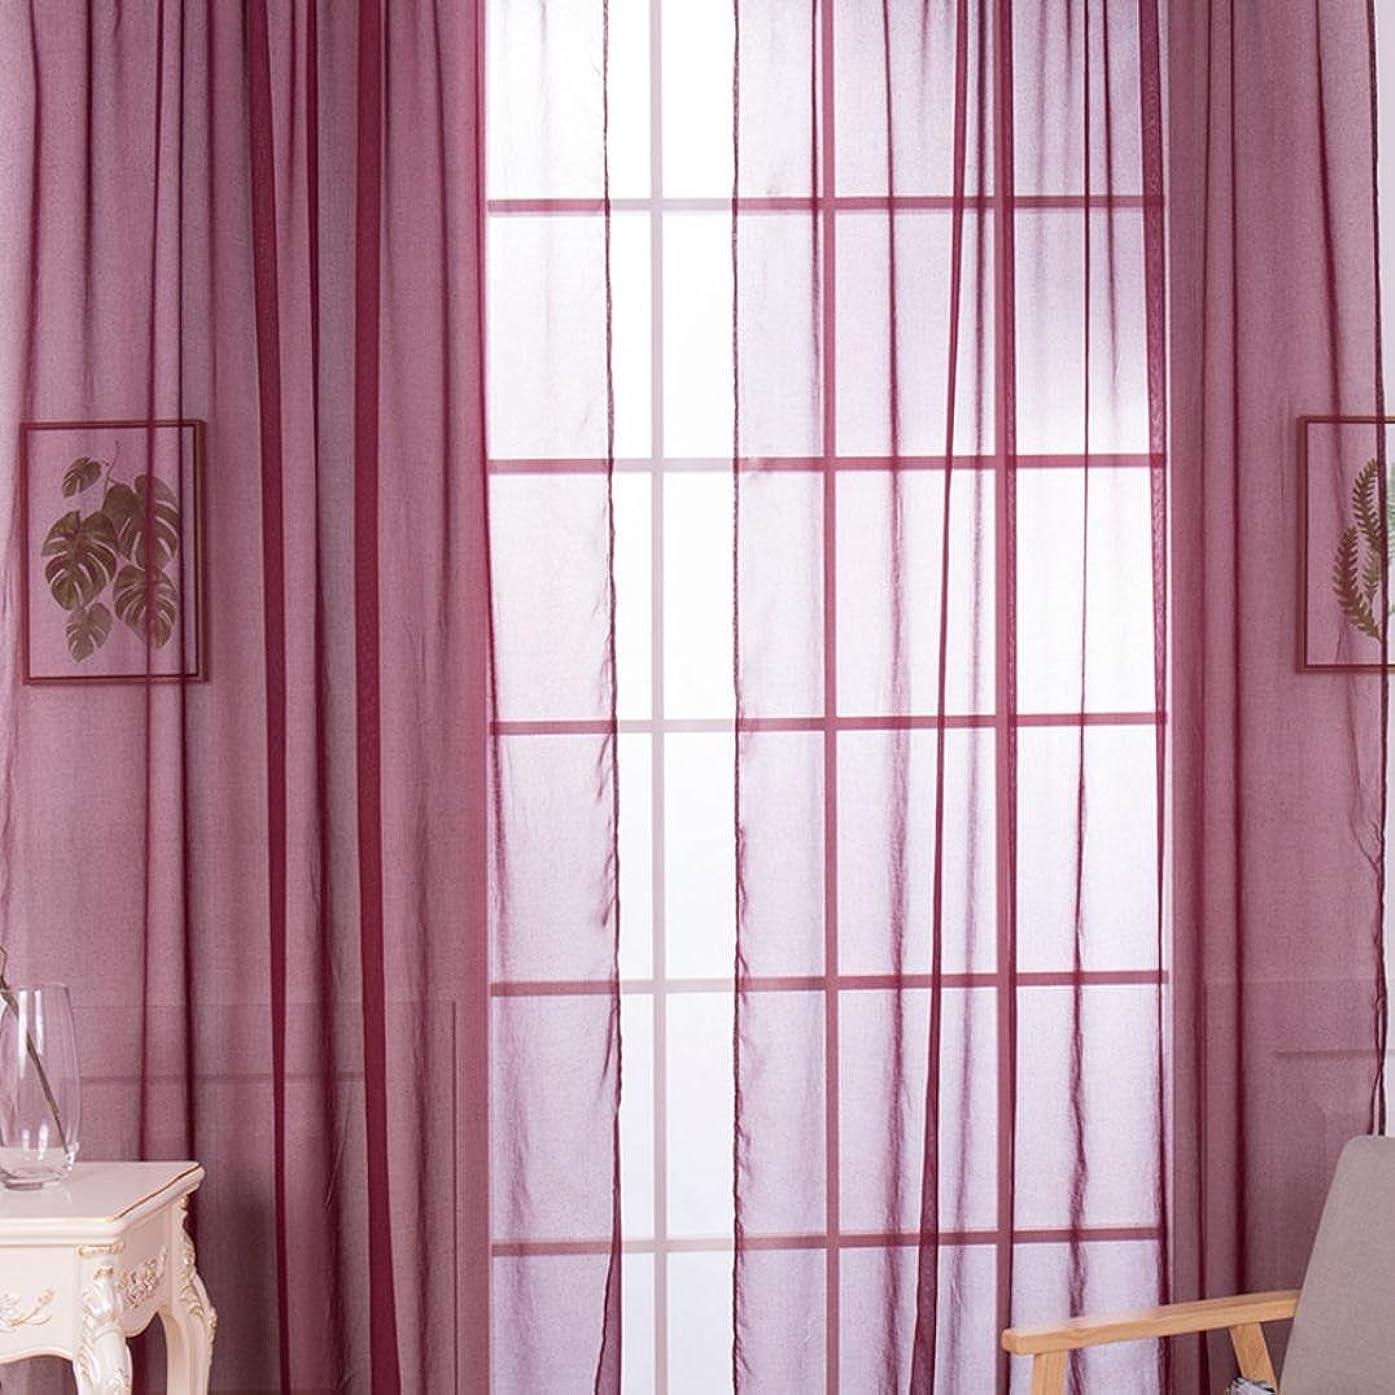 タック声を出してシリンダーKukiwa シアーカーテン 目隠し効果 外線カット 薄手 シェードカーテン 遮光断熱効果 可愛いカーテン 2枚200cm x 100cm 装飾ホーム ウインドウ窓 寝室 居間 子供の部屋用  (ブルゴーニュ, 100X200cm)